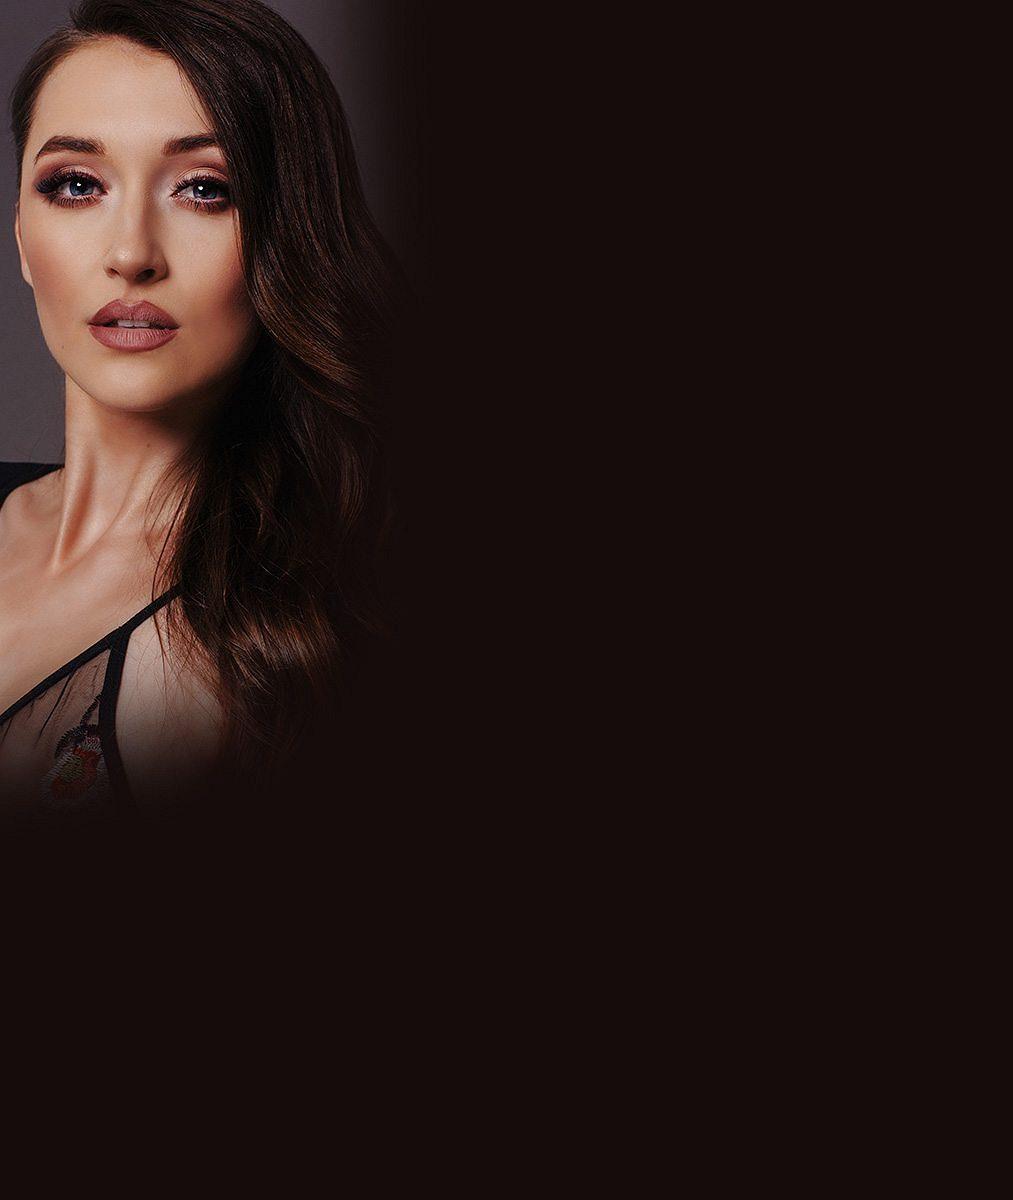 Účastnice kontroverzní reality show střídá barvu vlasů podle nálady. Jak je možné, že ji změní klidně z hodiny na hodinu?